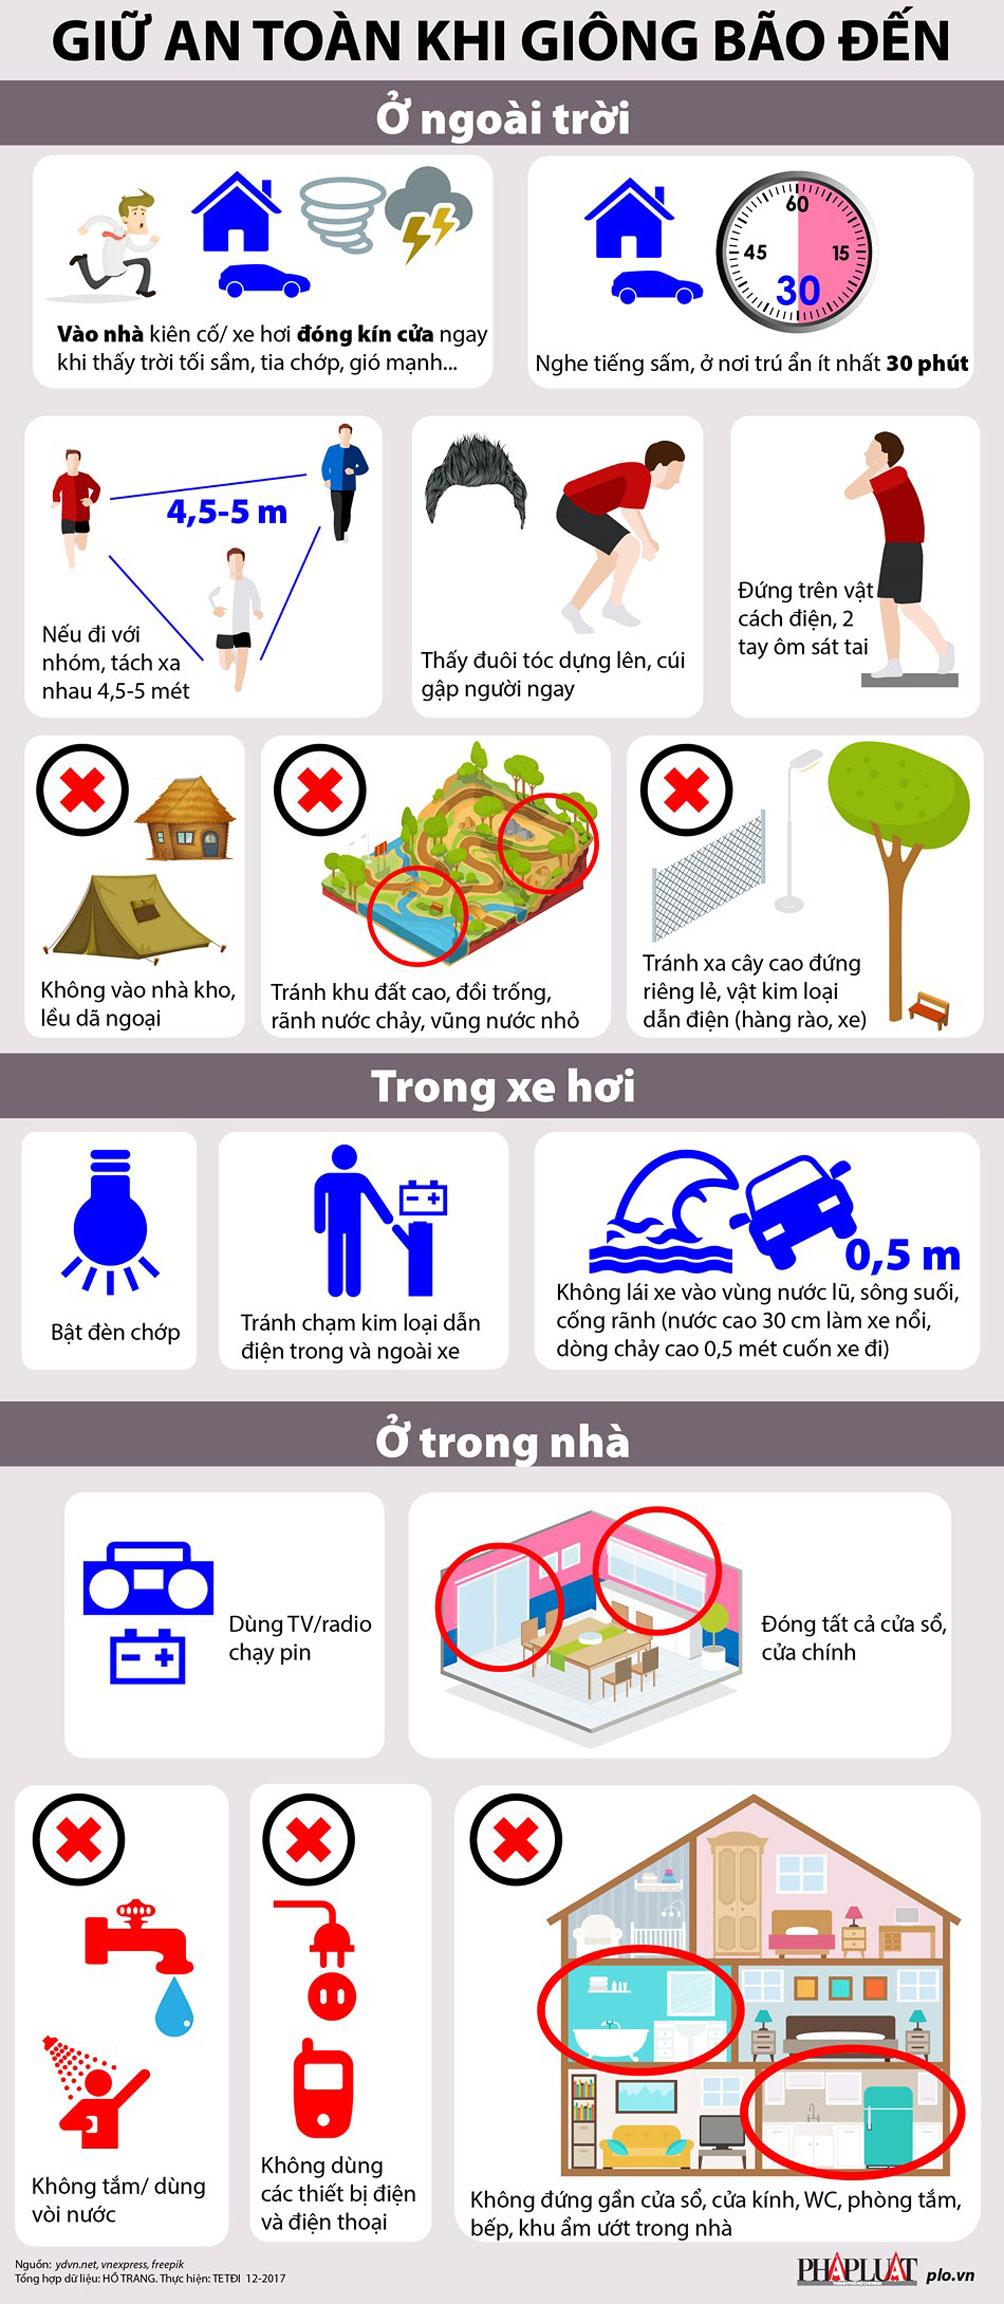 Infographic: Cách giữ an toàn trước bão Tembin - 1